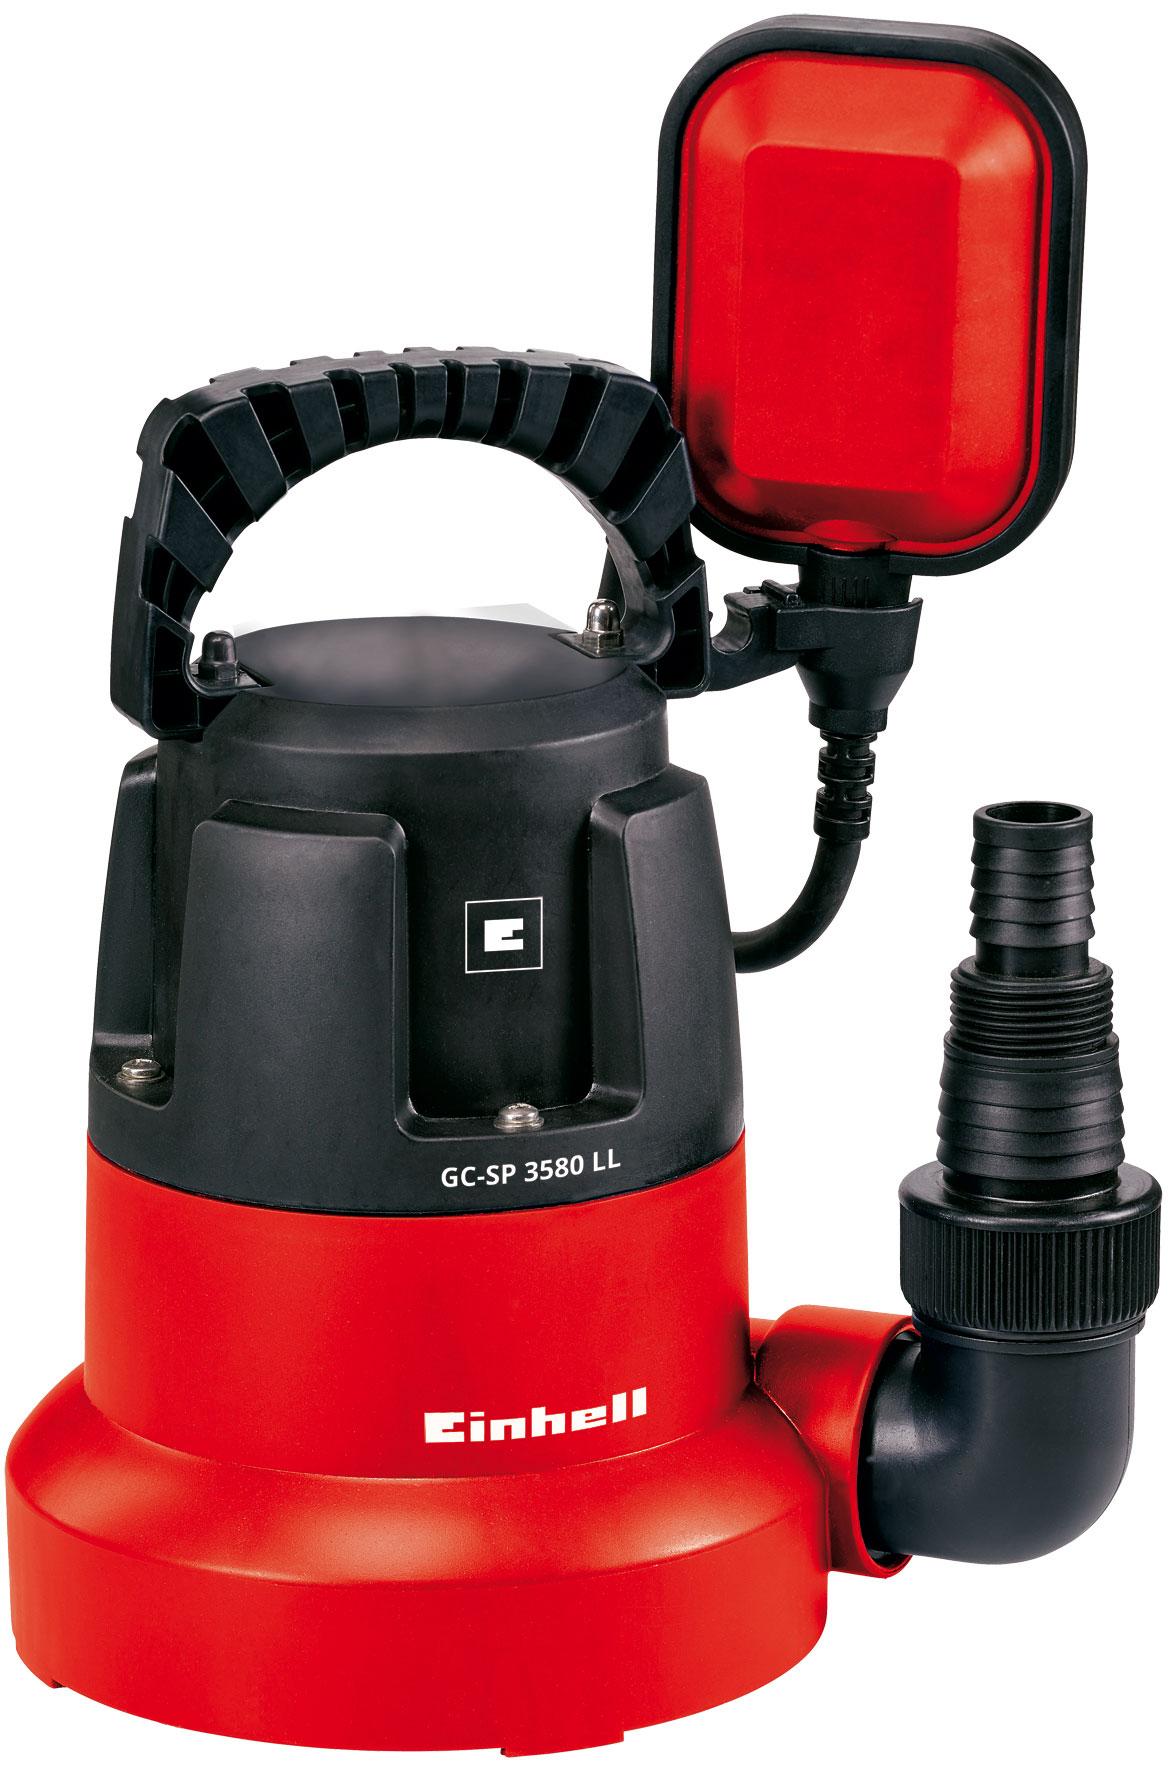 Einhell Tauchpumpe GC-SP 3580 LL 350W 8000l/h Bild 1